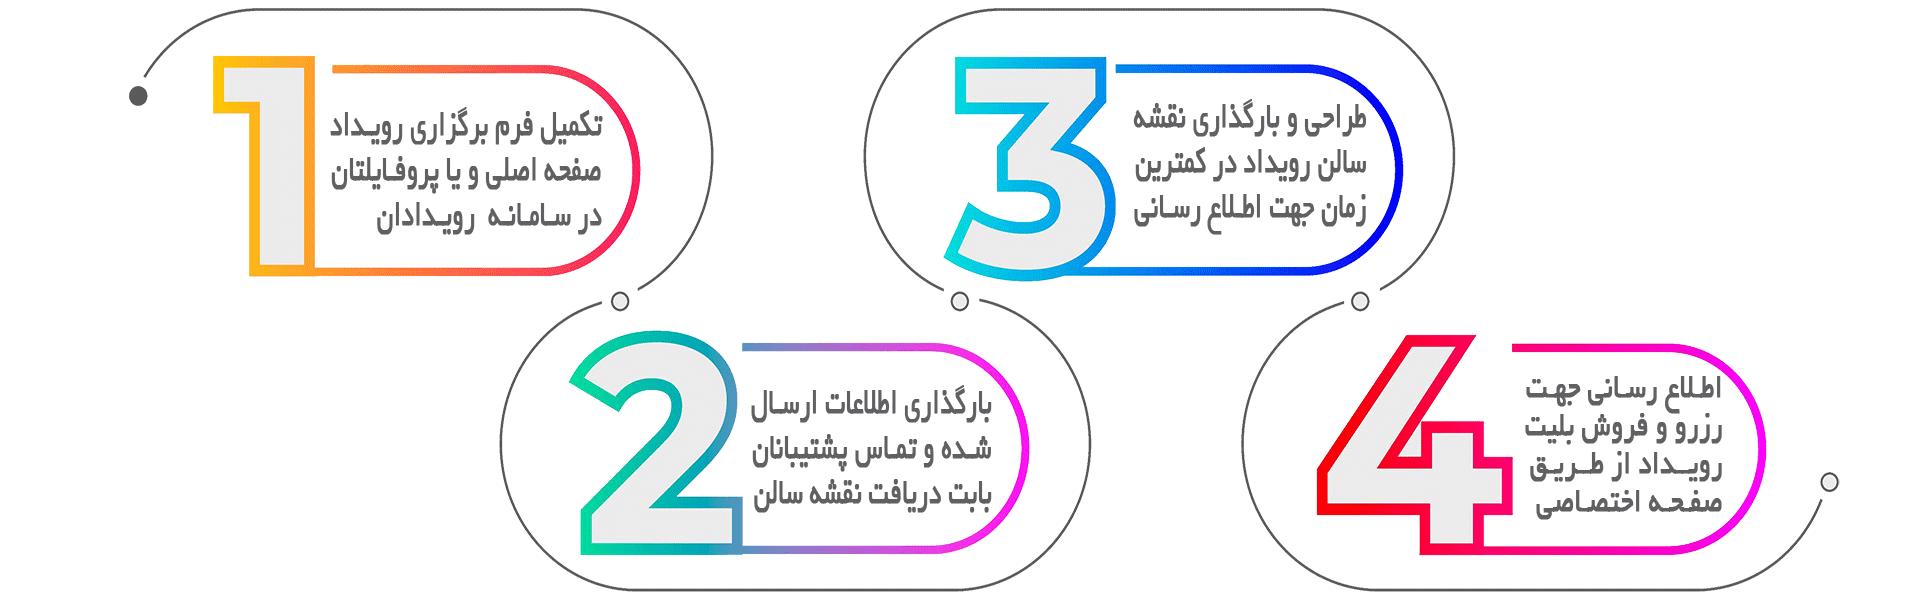 سامانه فروش بلیت آنلاین رویداد